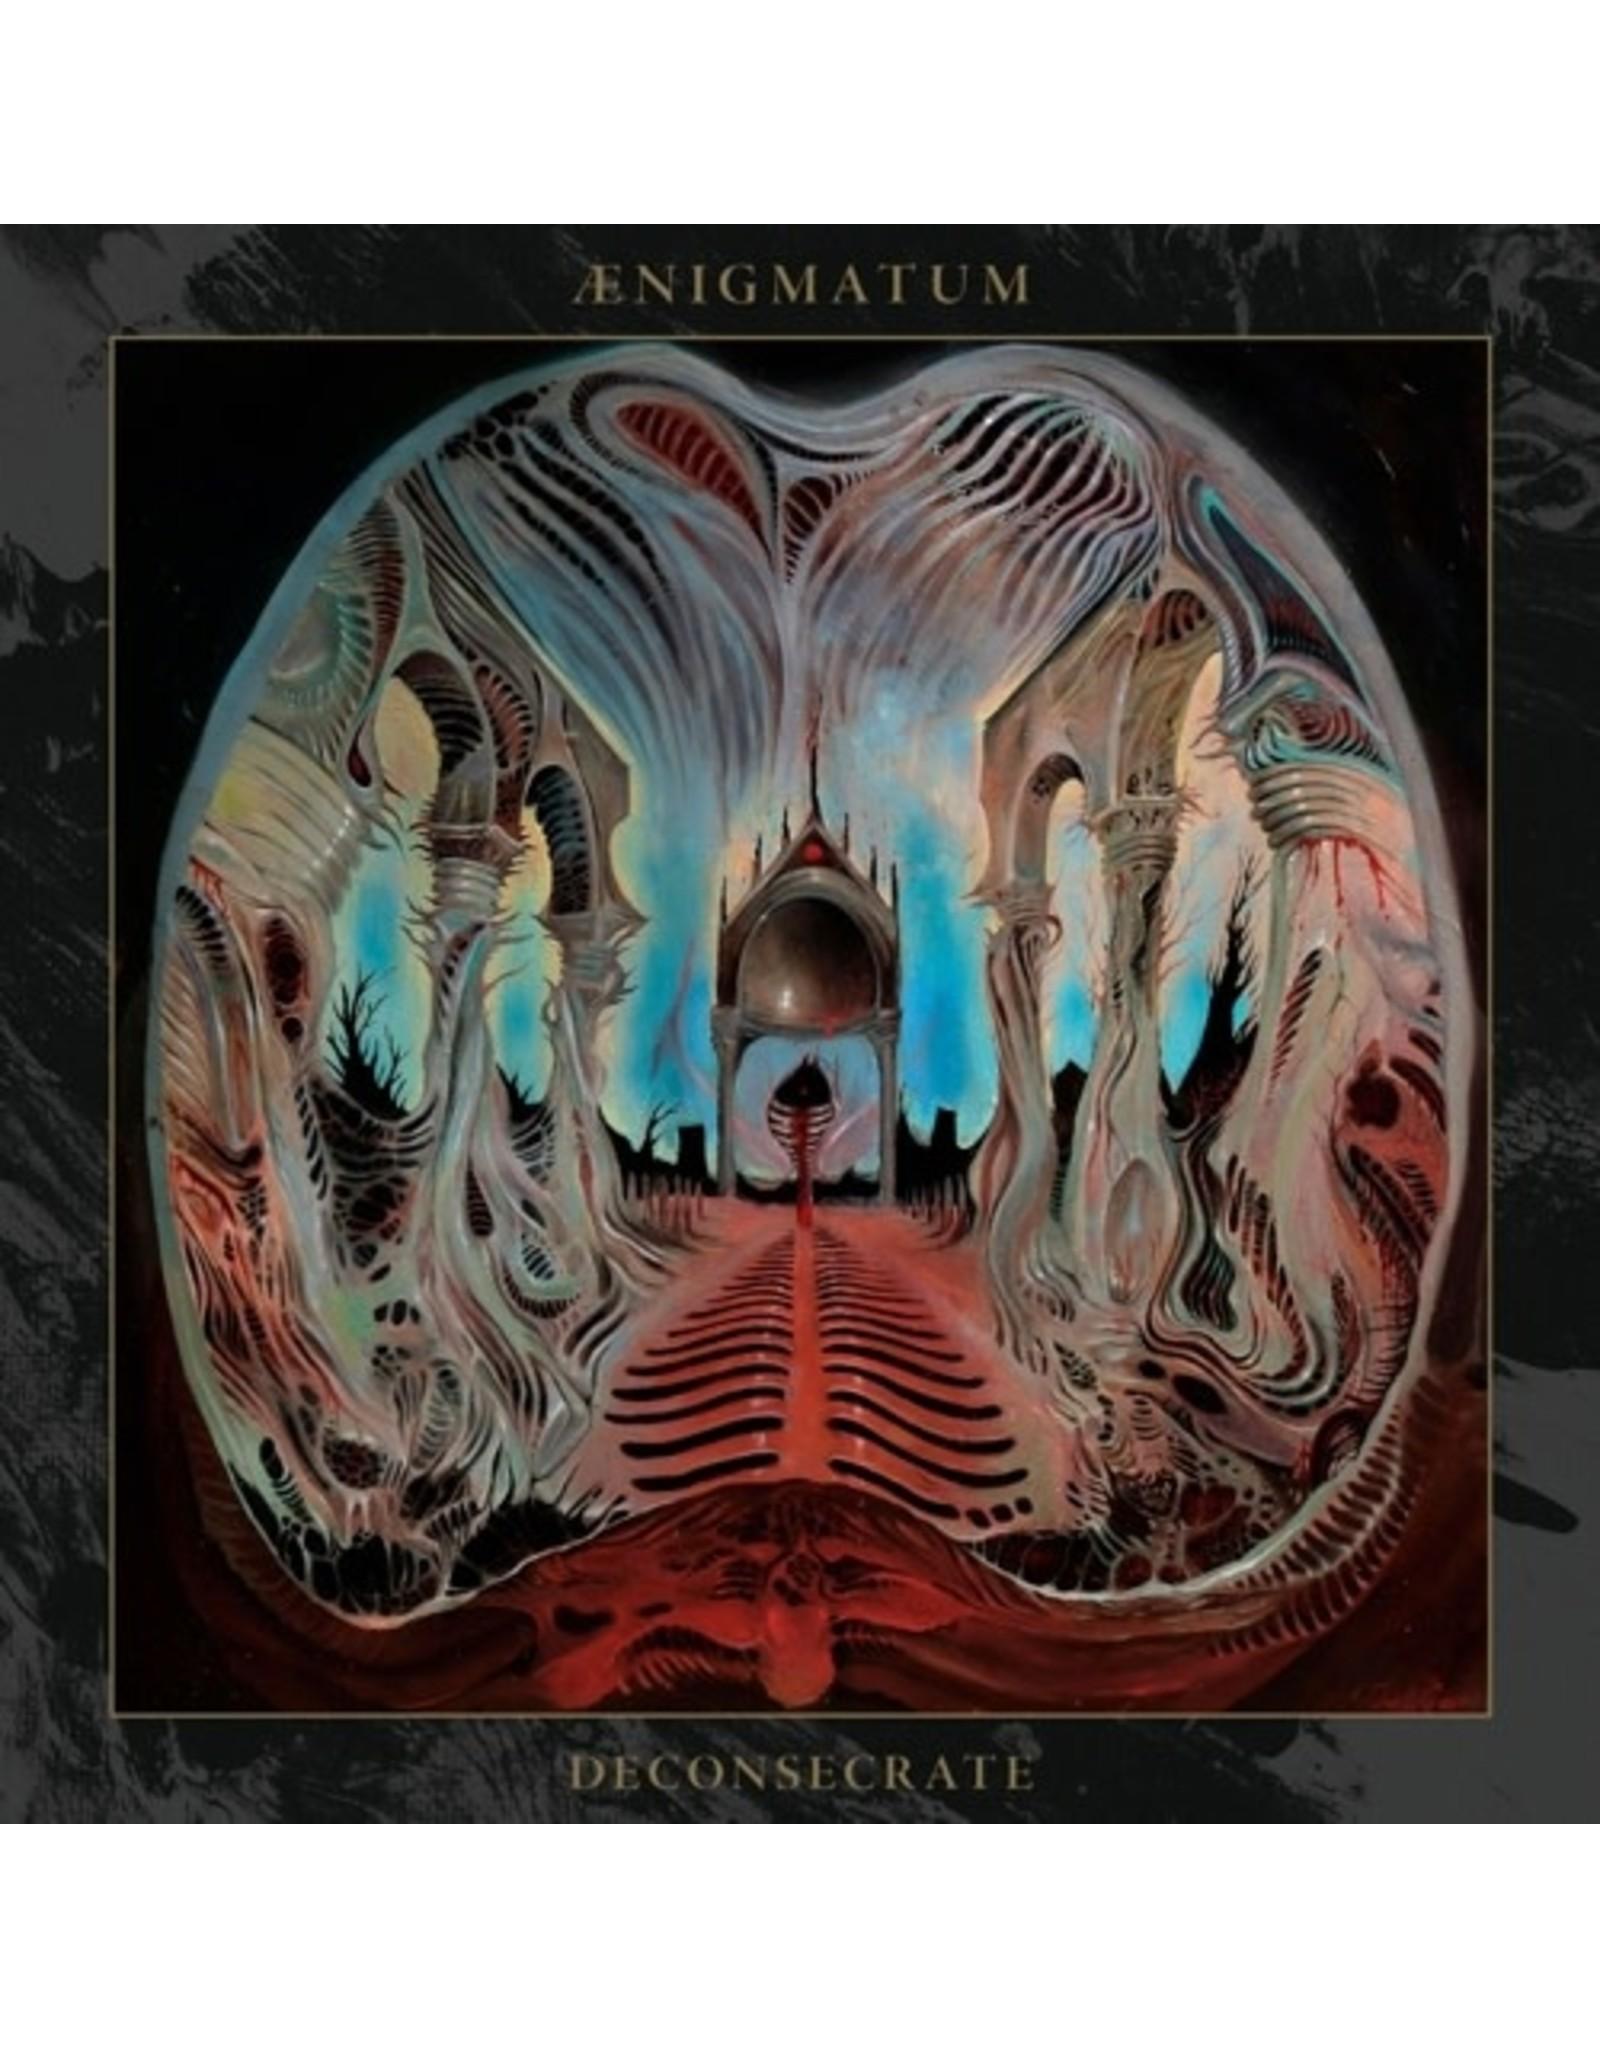 20 Buck Spin Ænigmatum: Deconsecrate (colour) LP